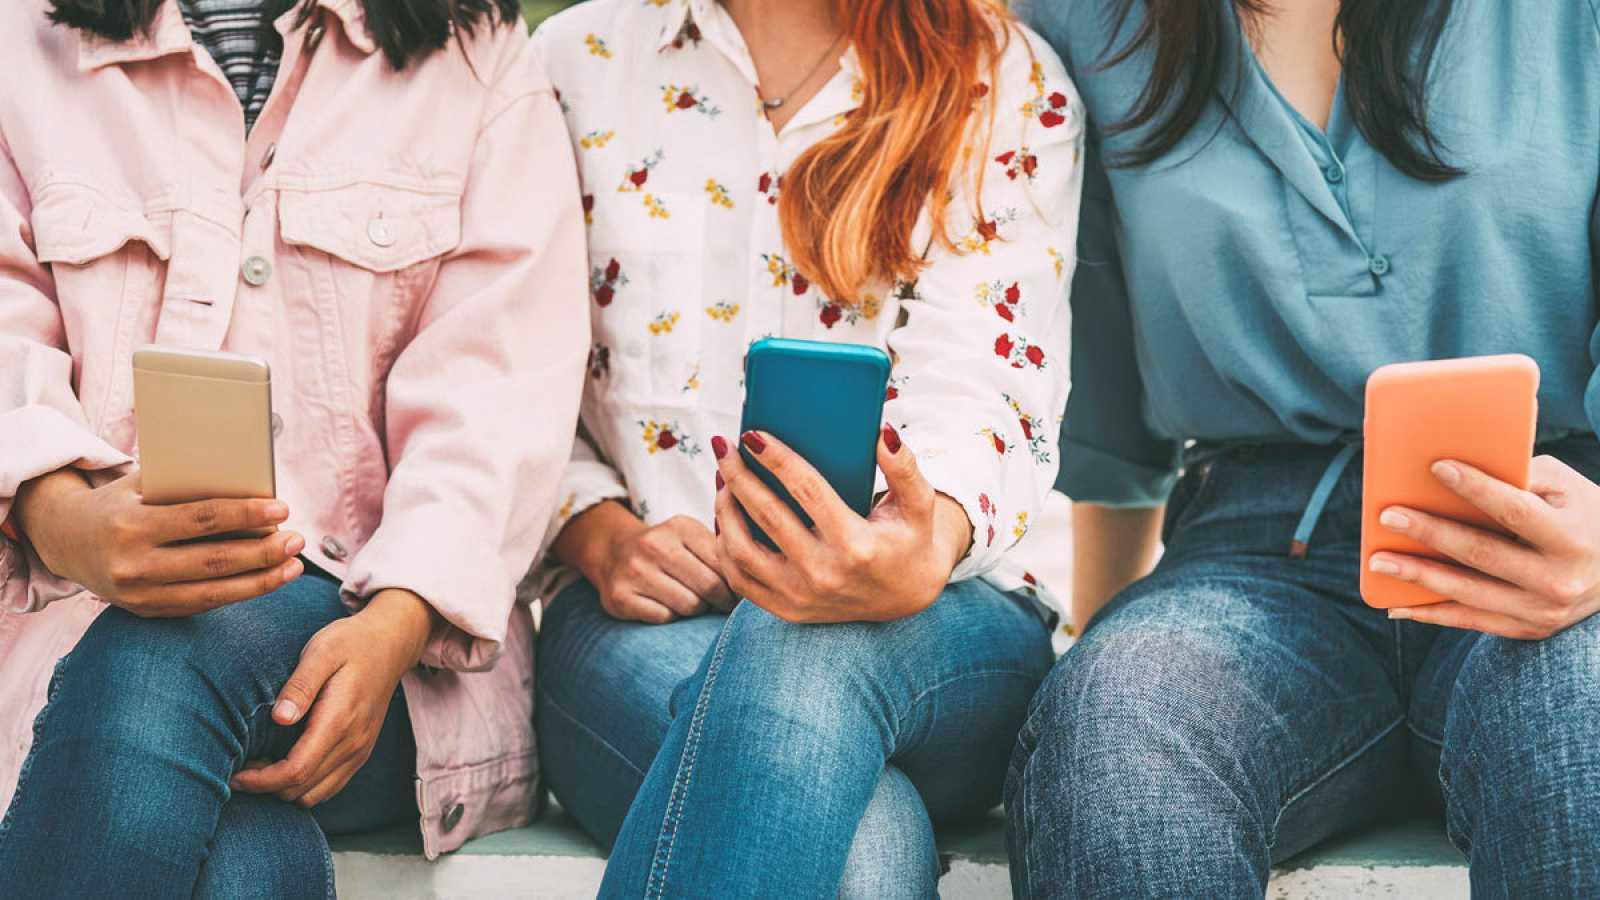 Imagen de adolescentes de la generación Z mirando memes en el móvil